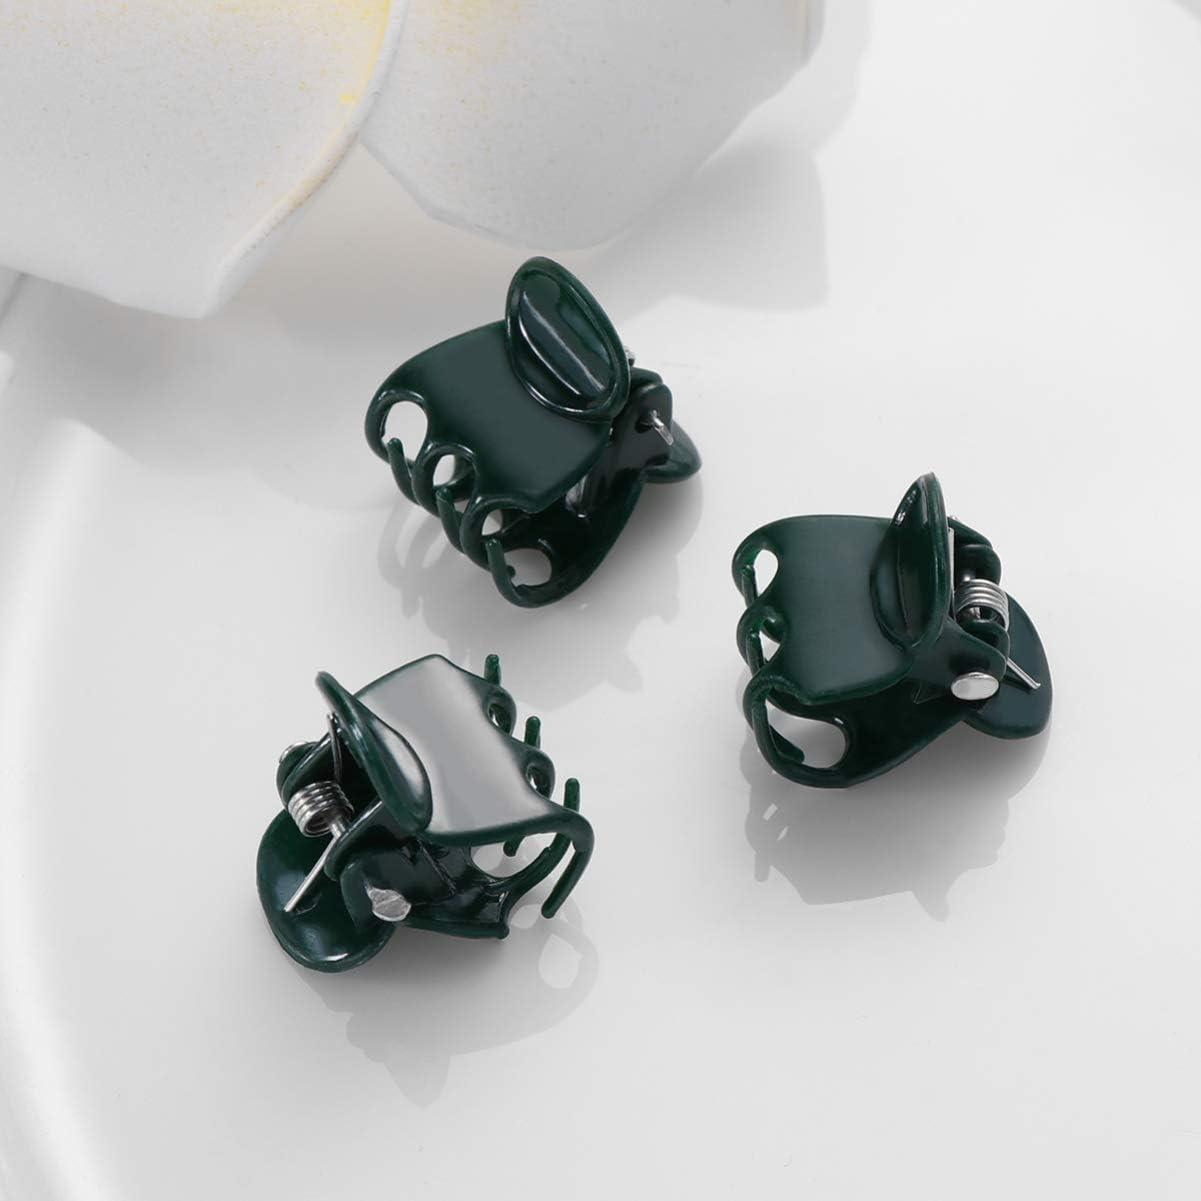 soporte de plantas clips de sujeci/ón para sujetar tallos de vid de flores de tomate Yardwe 100 clips de orqu/ídea verde oscuro para sujetar plantas